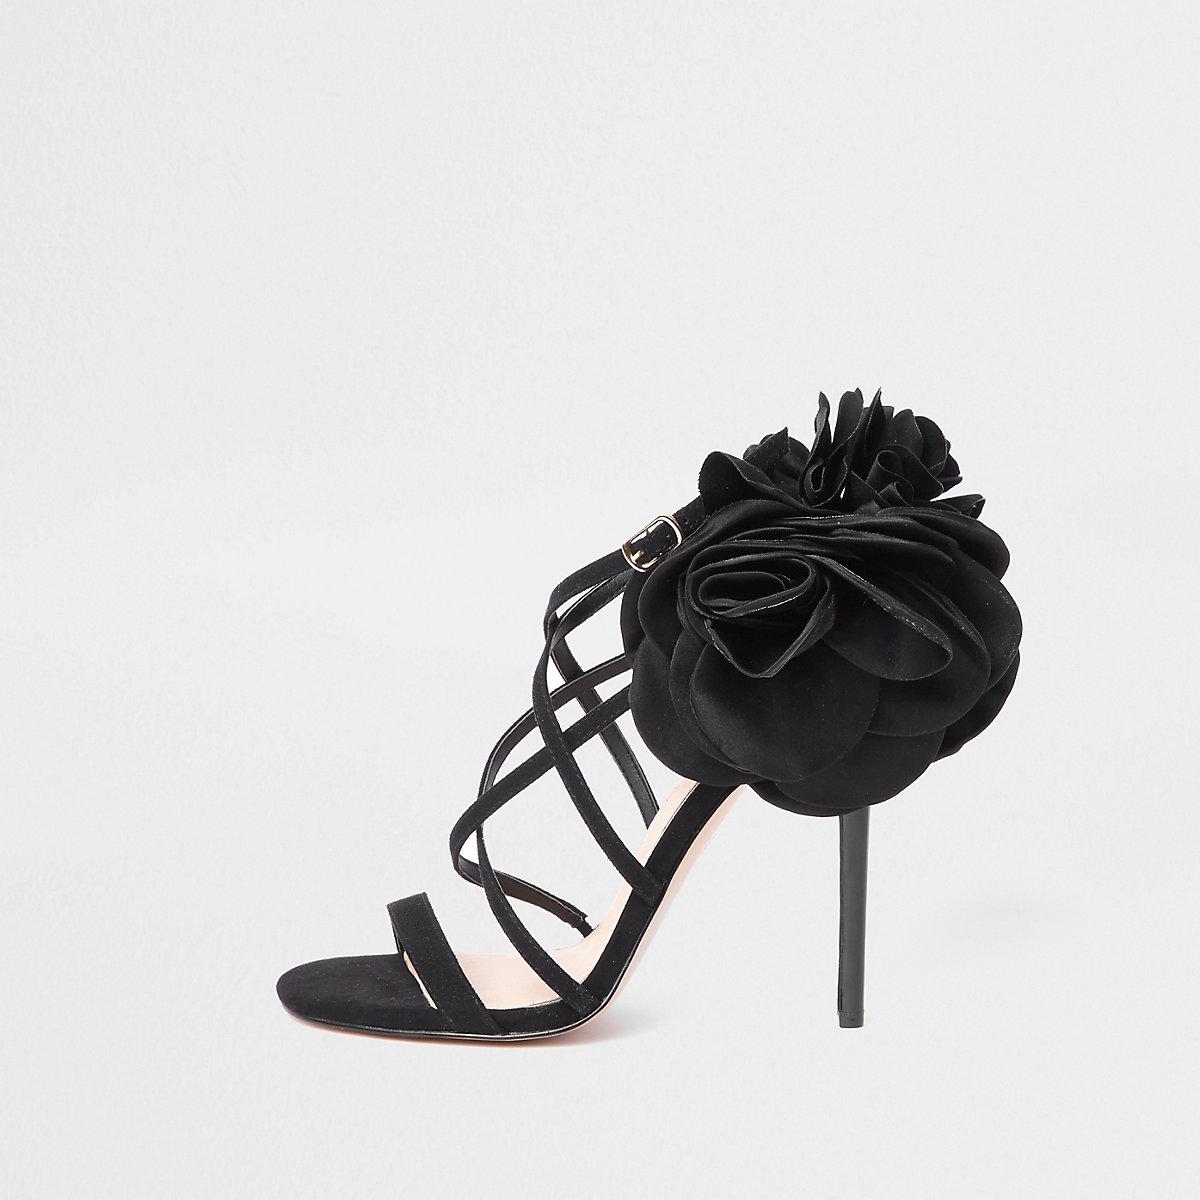 Schwarze Sandalen mit Stiletto-Absatz